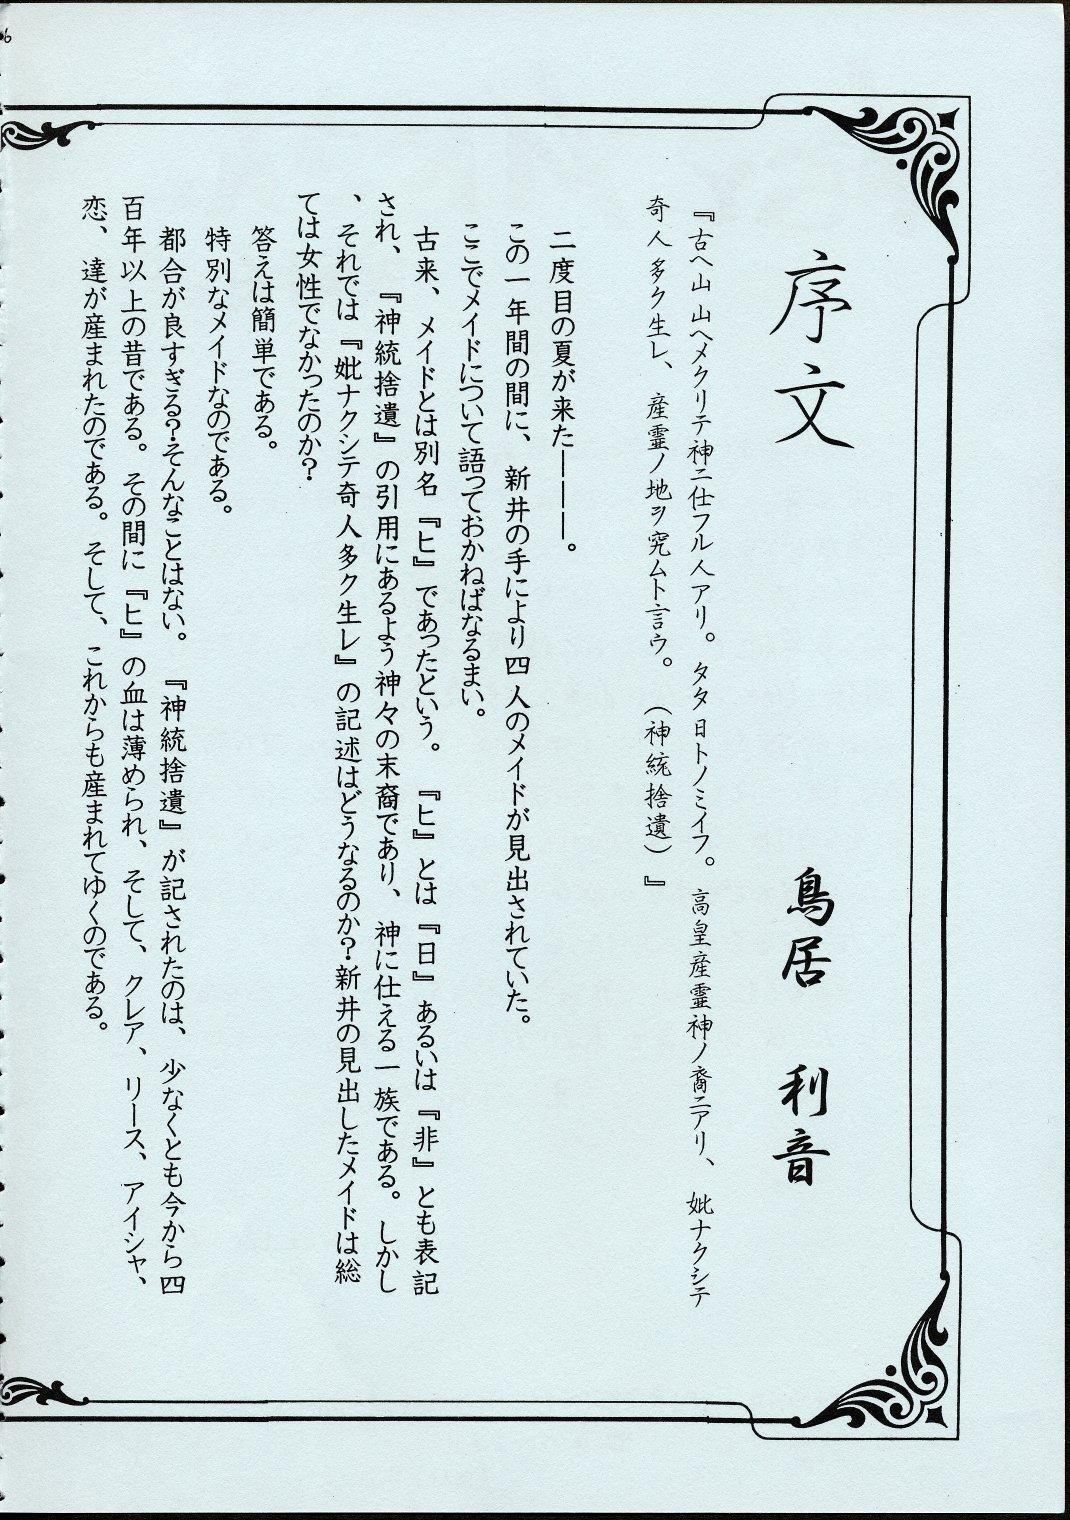 Maid-san kihonkei 4